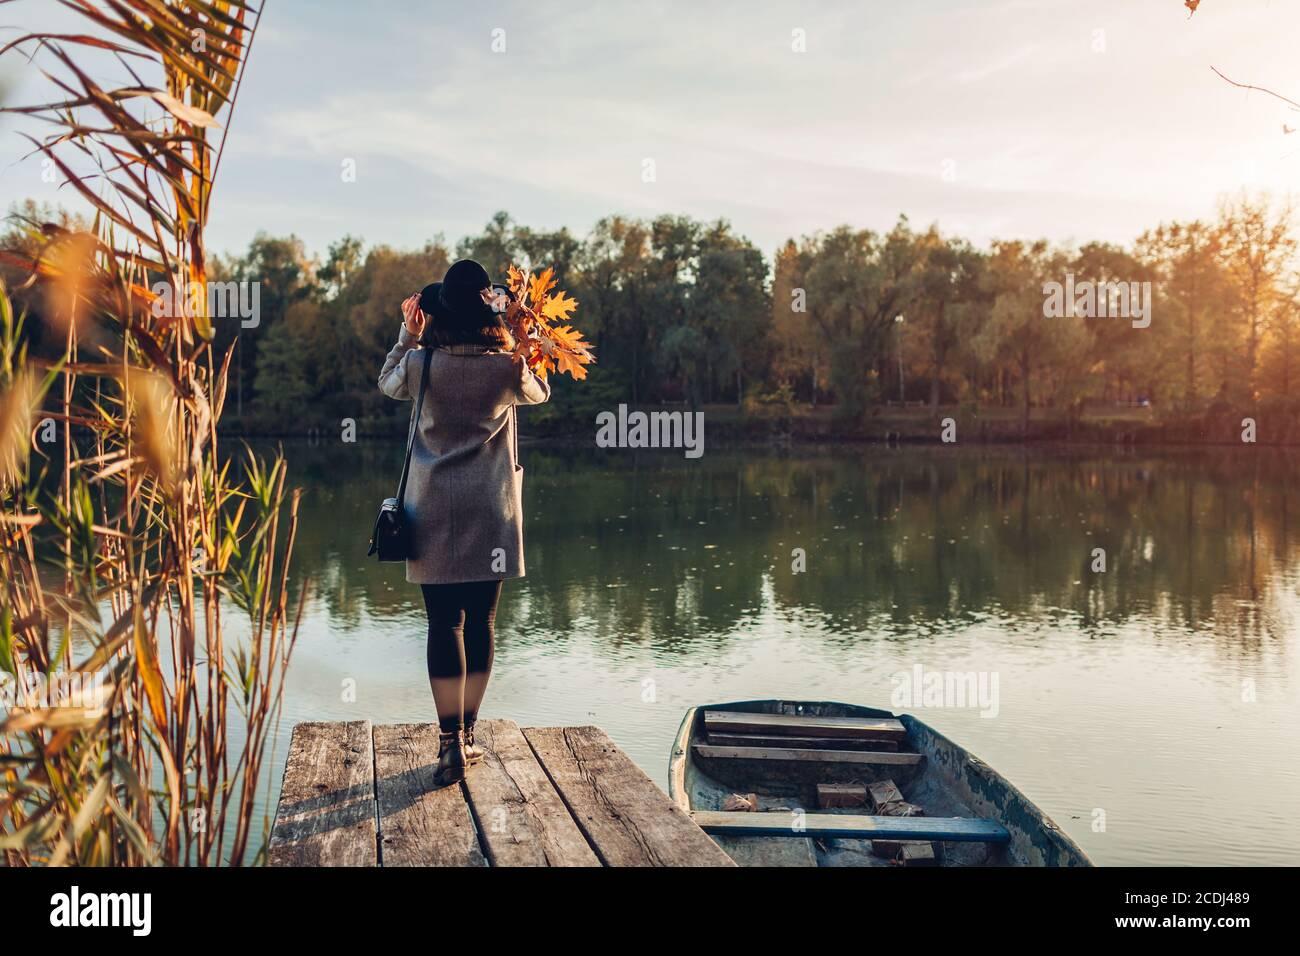 Donna che cammina sul molo del lago in barca ammirando il paesaggio autunnale che tiene le foglie. Attività della stagione autunnale Foto Stock